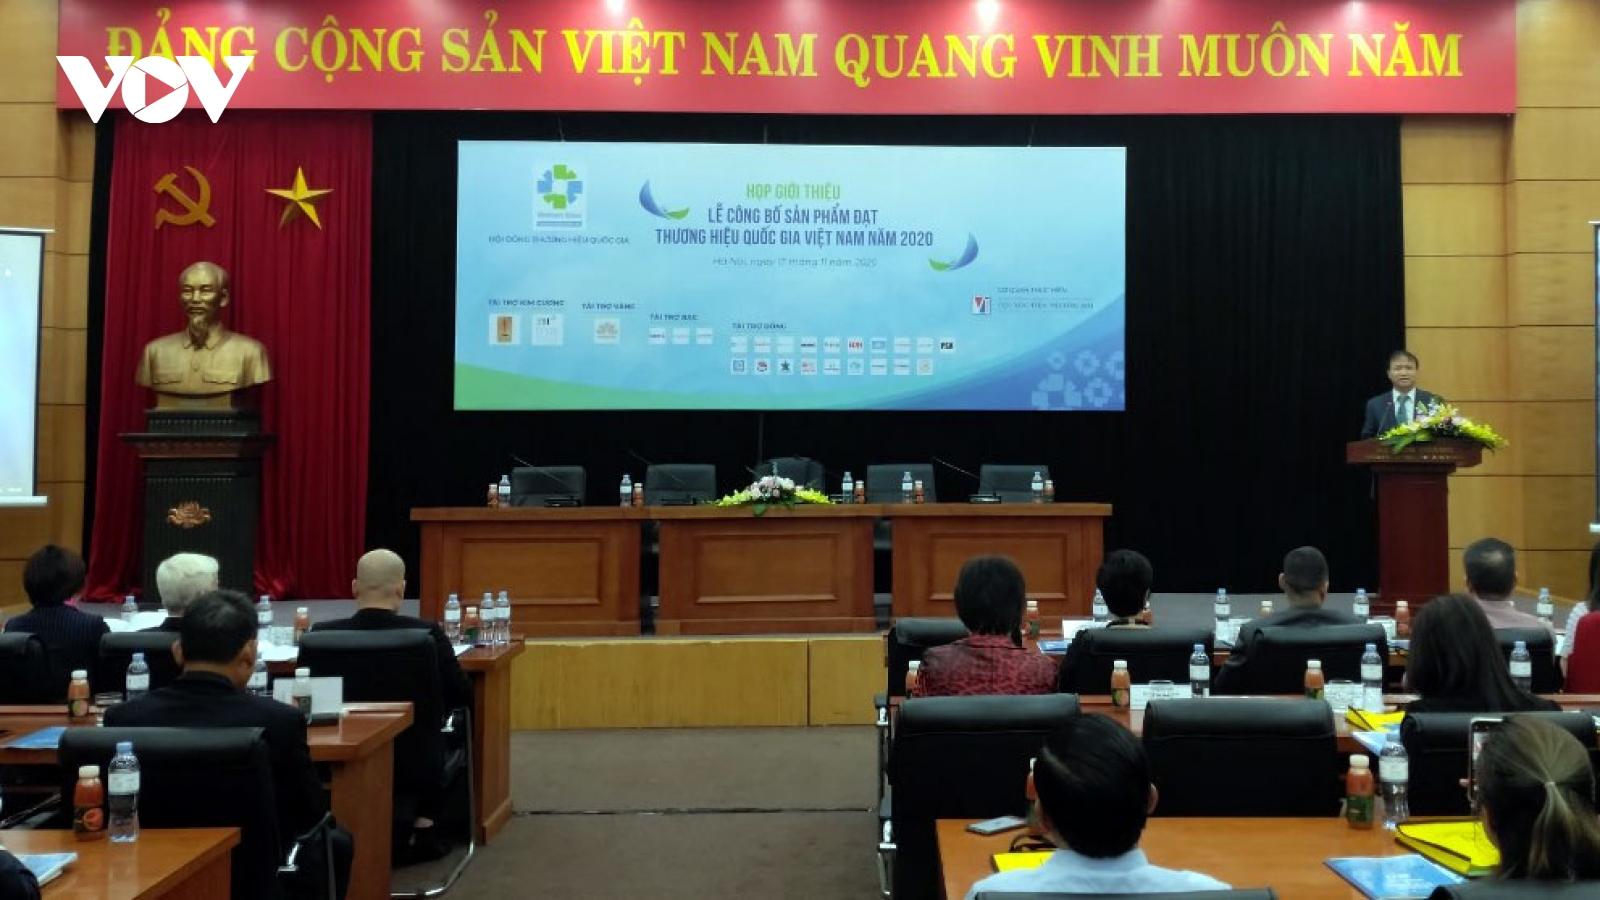 124 doanh nghiệp với 283 sản phẩm đạt Thương hiệu Quốc gia Việt Nam 2020